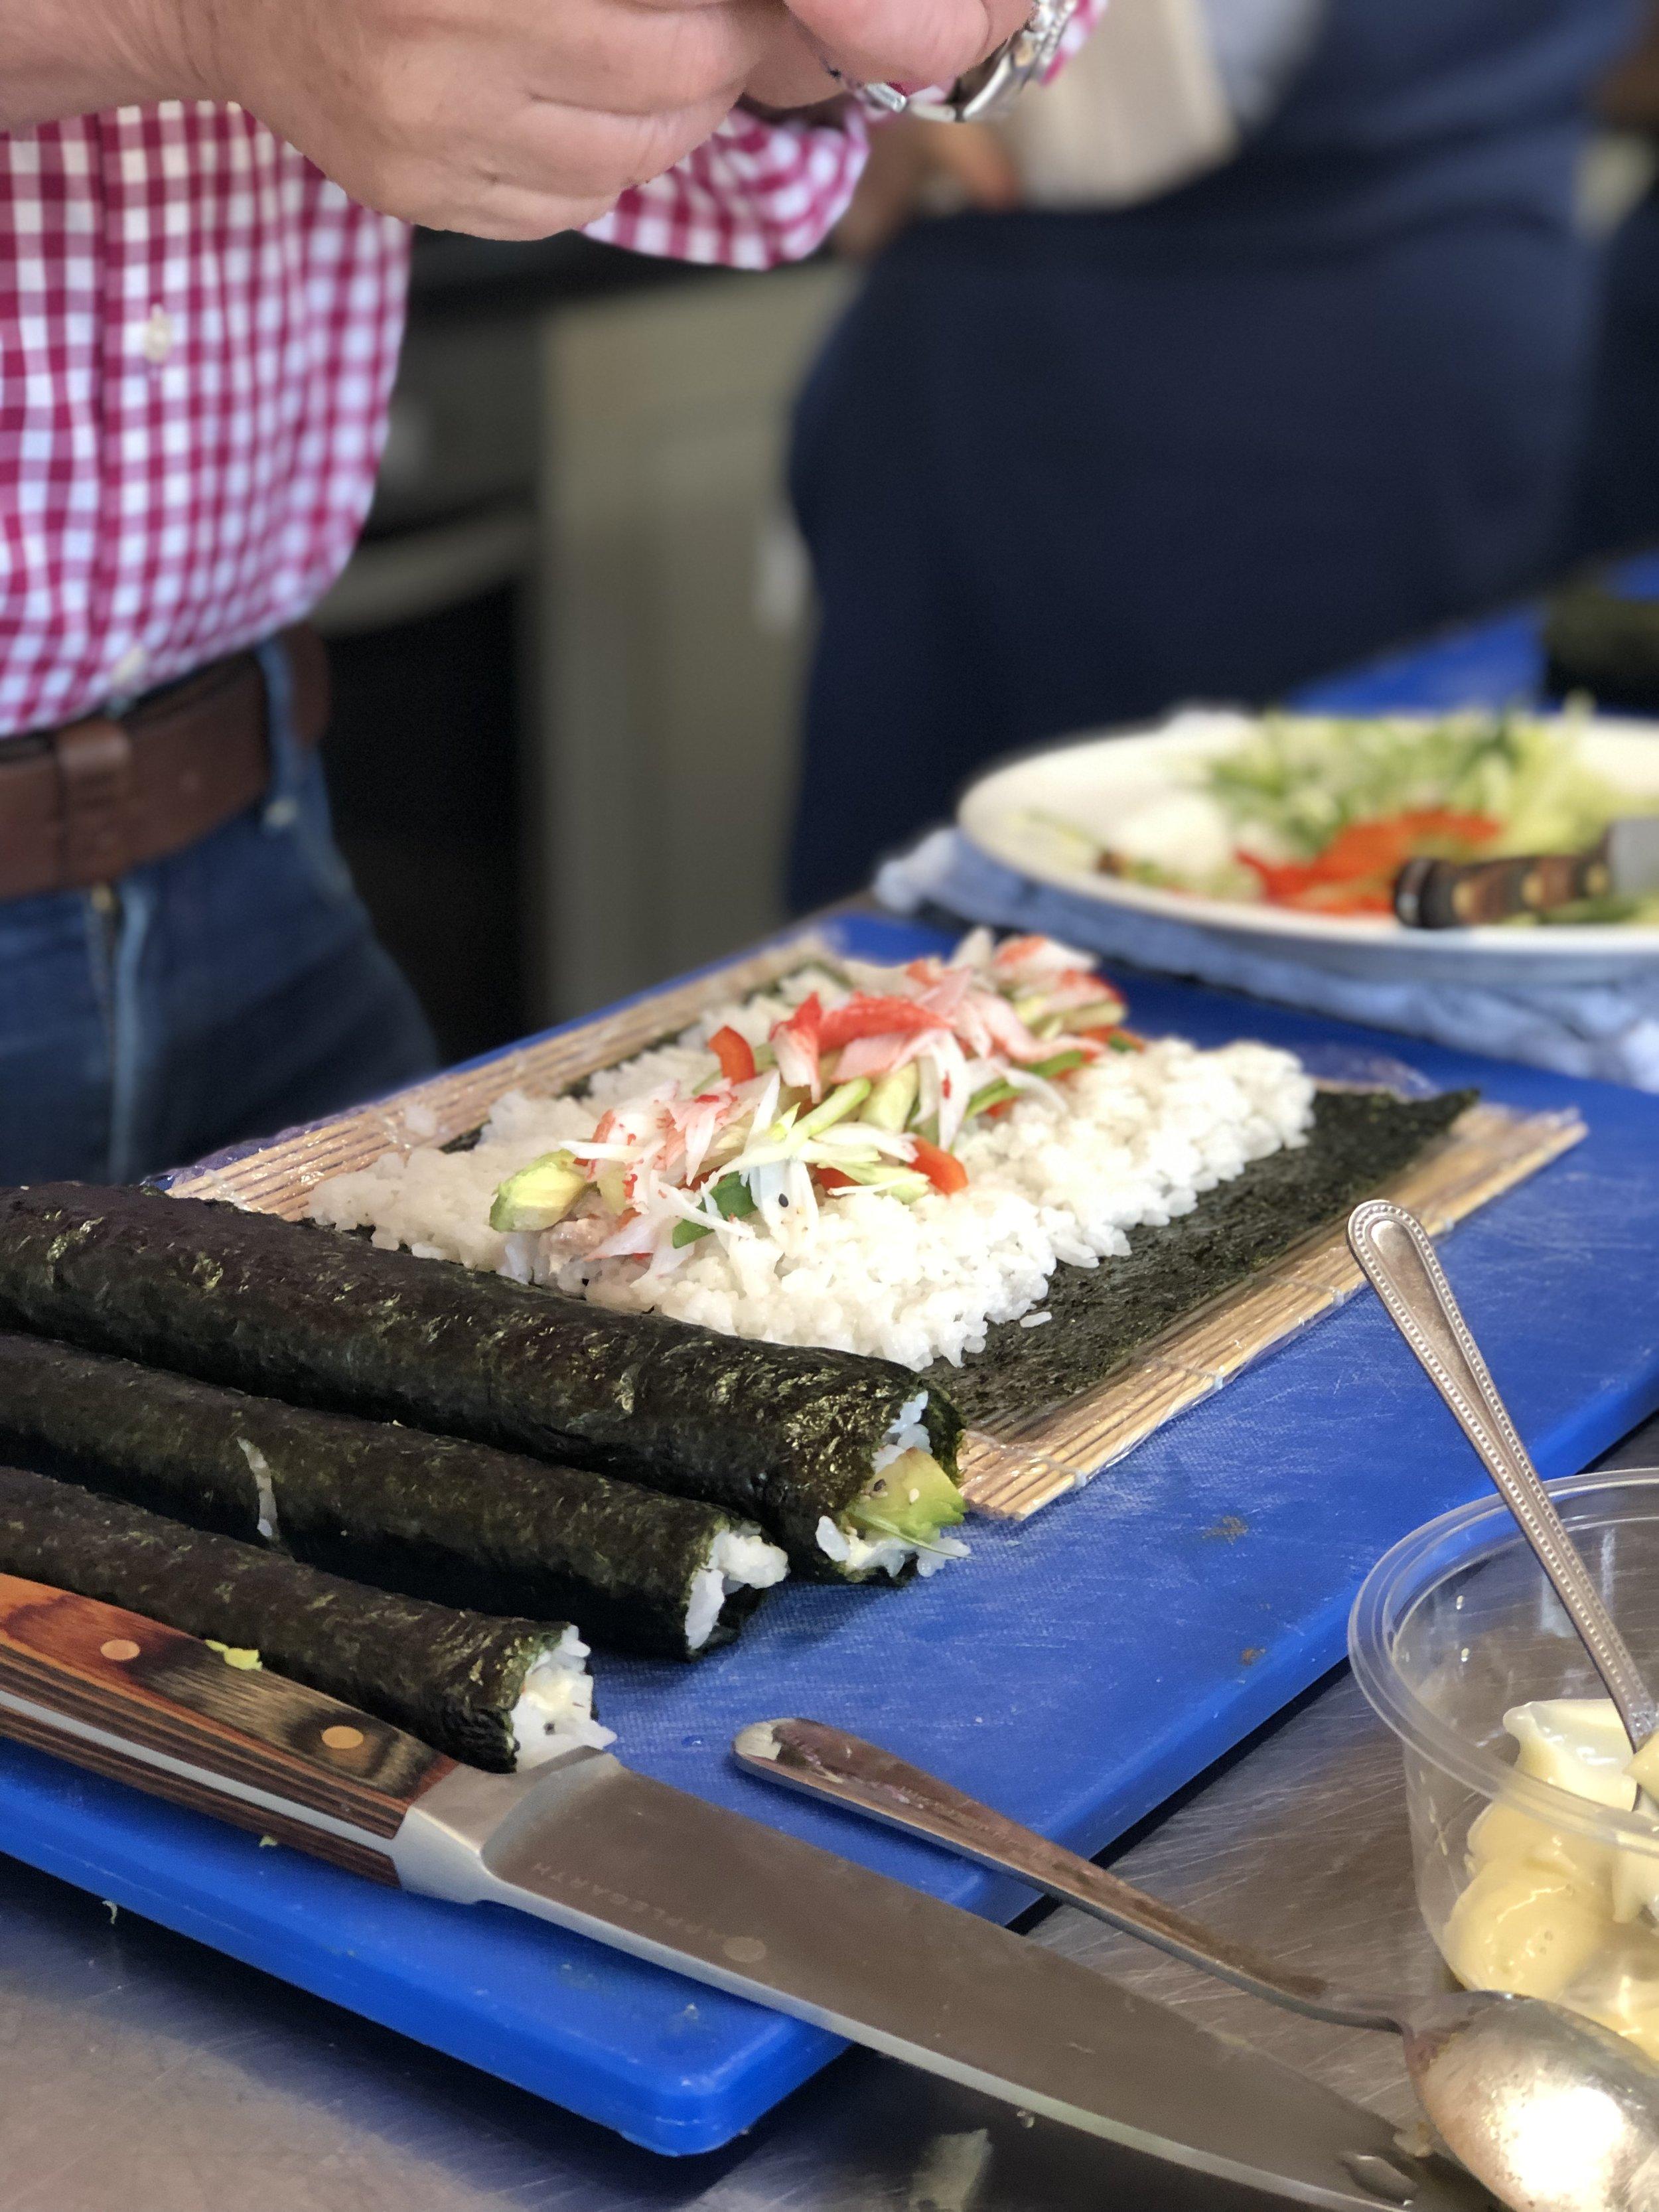 Applegarth Farm Cookery school sushi lesson